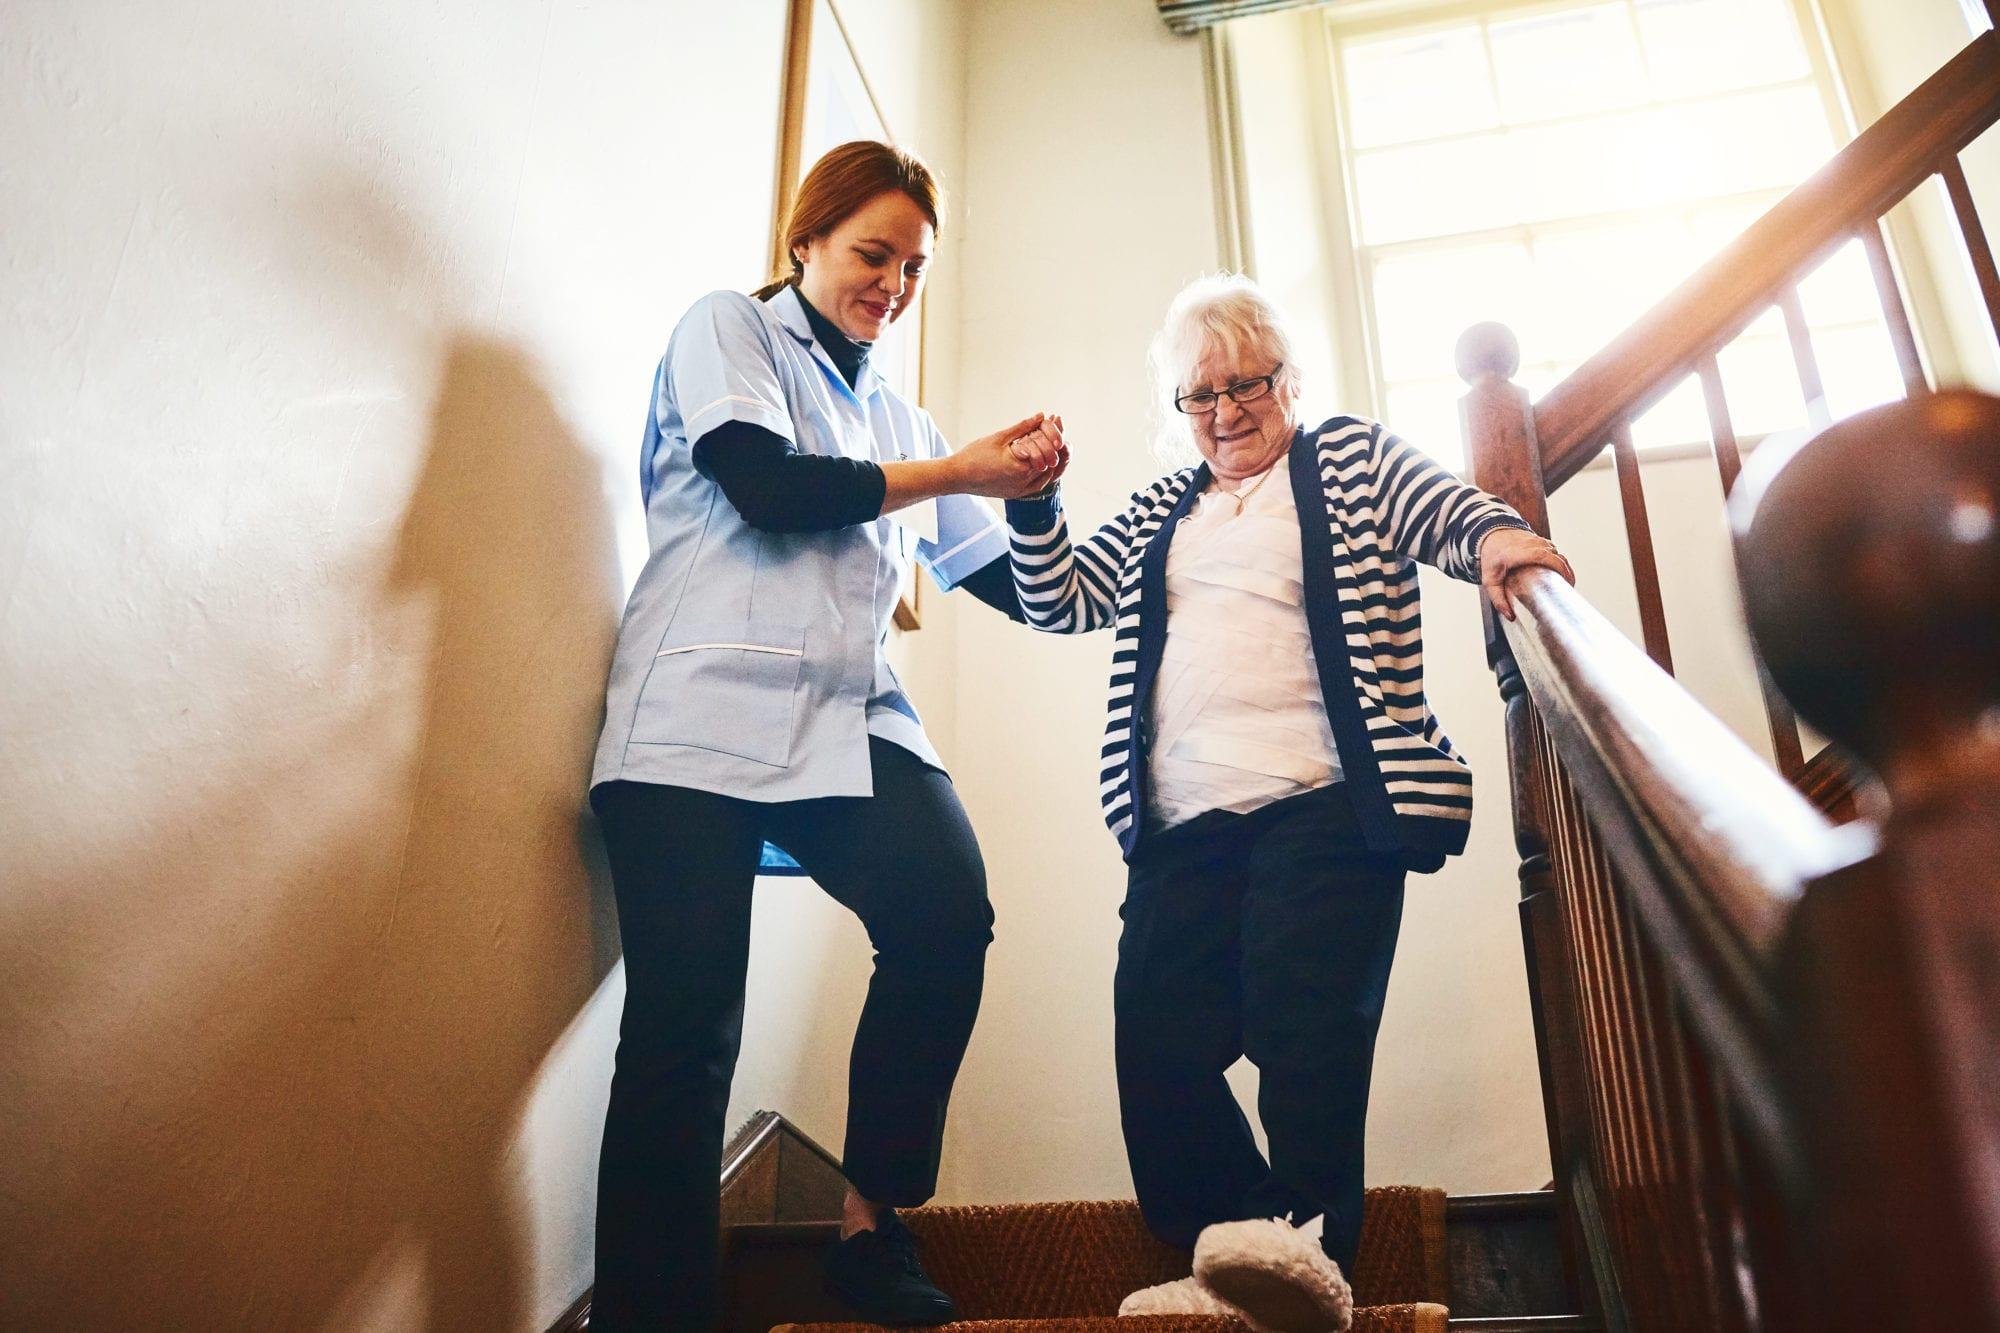 Caregiver helping senior woman walking down stairs